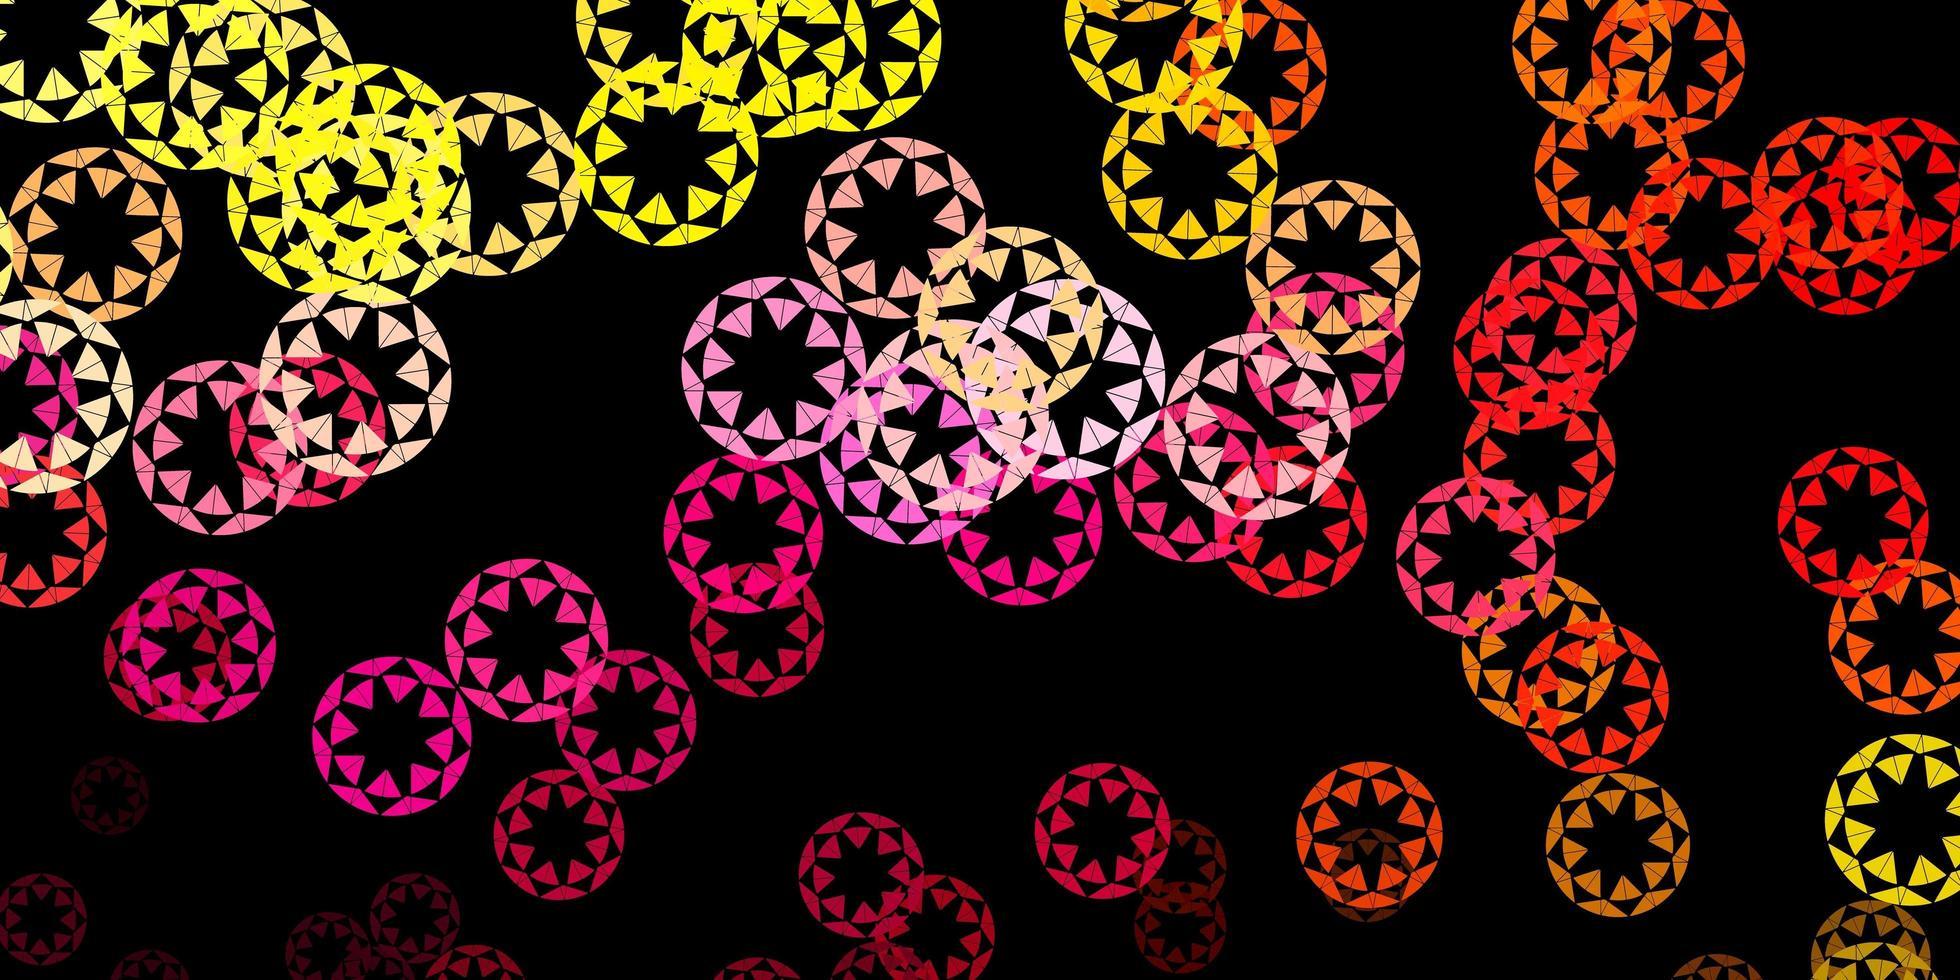 dunkelrosa, gelber Vektorhintergrund mit Blasen. vektor